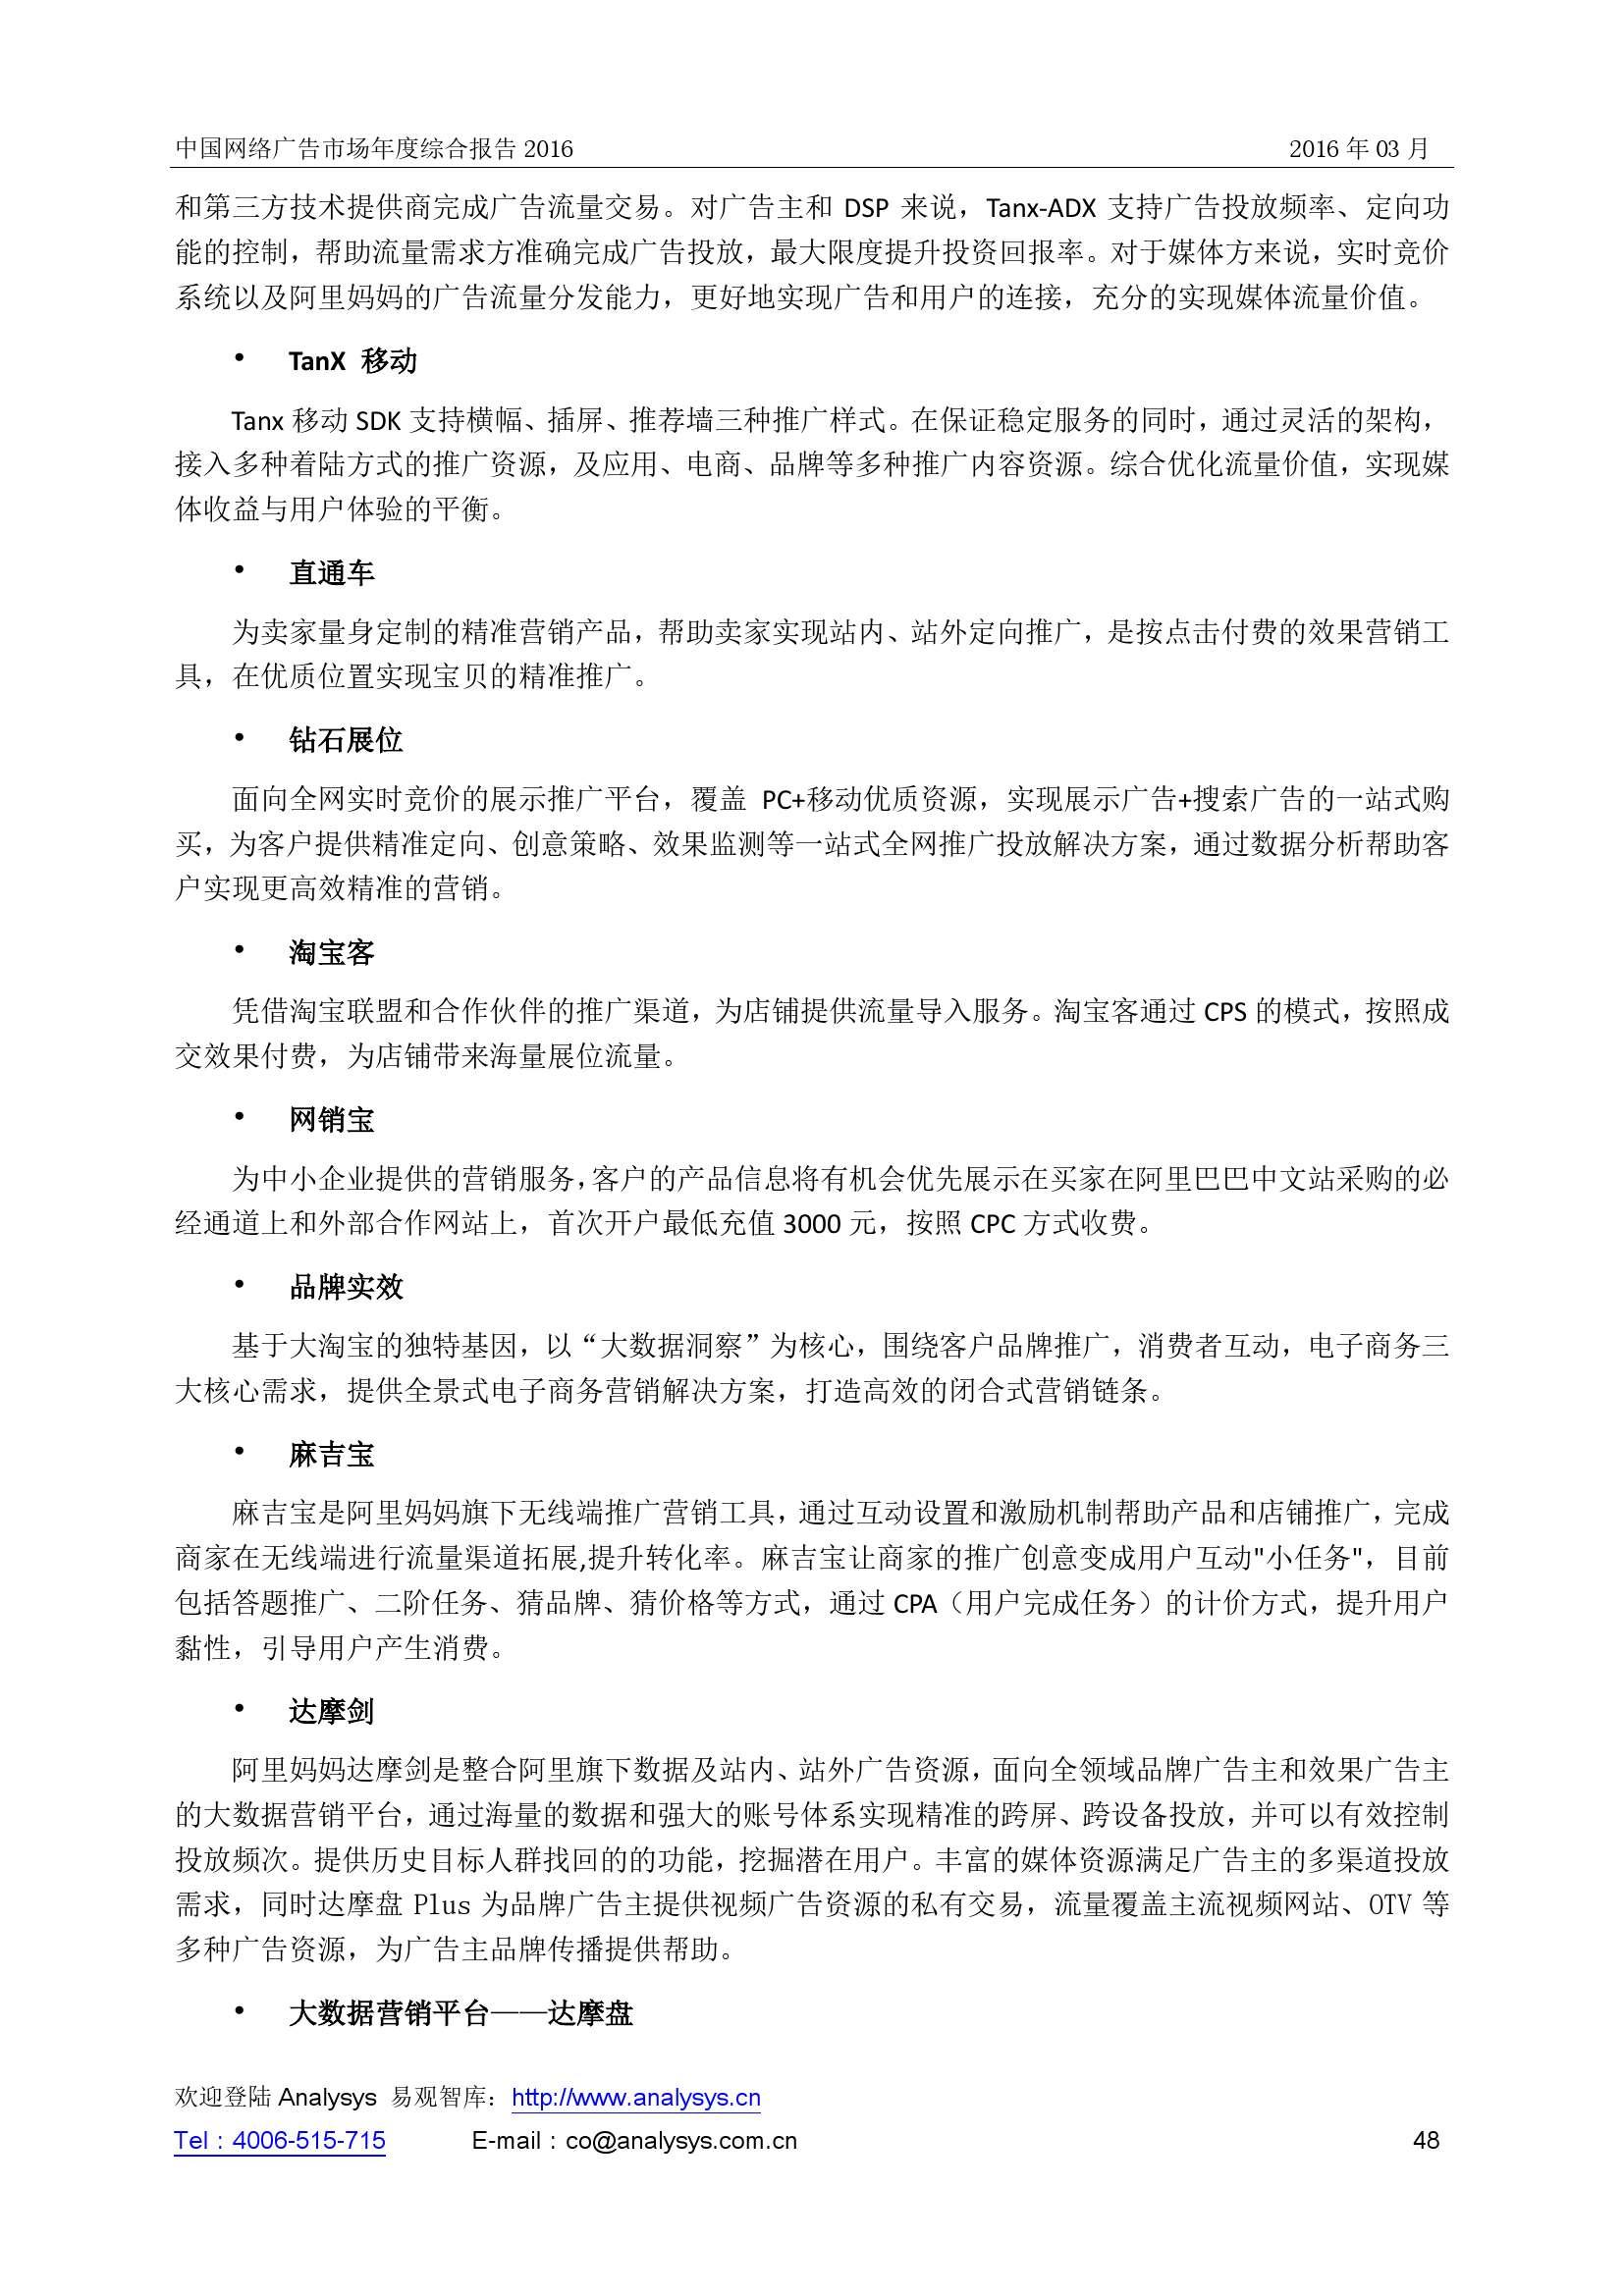 中国网络广告市场年度综合报告2016_000048